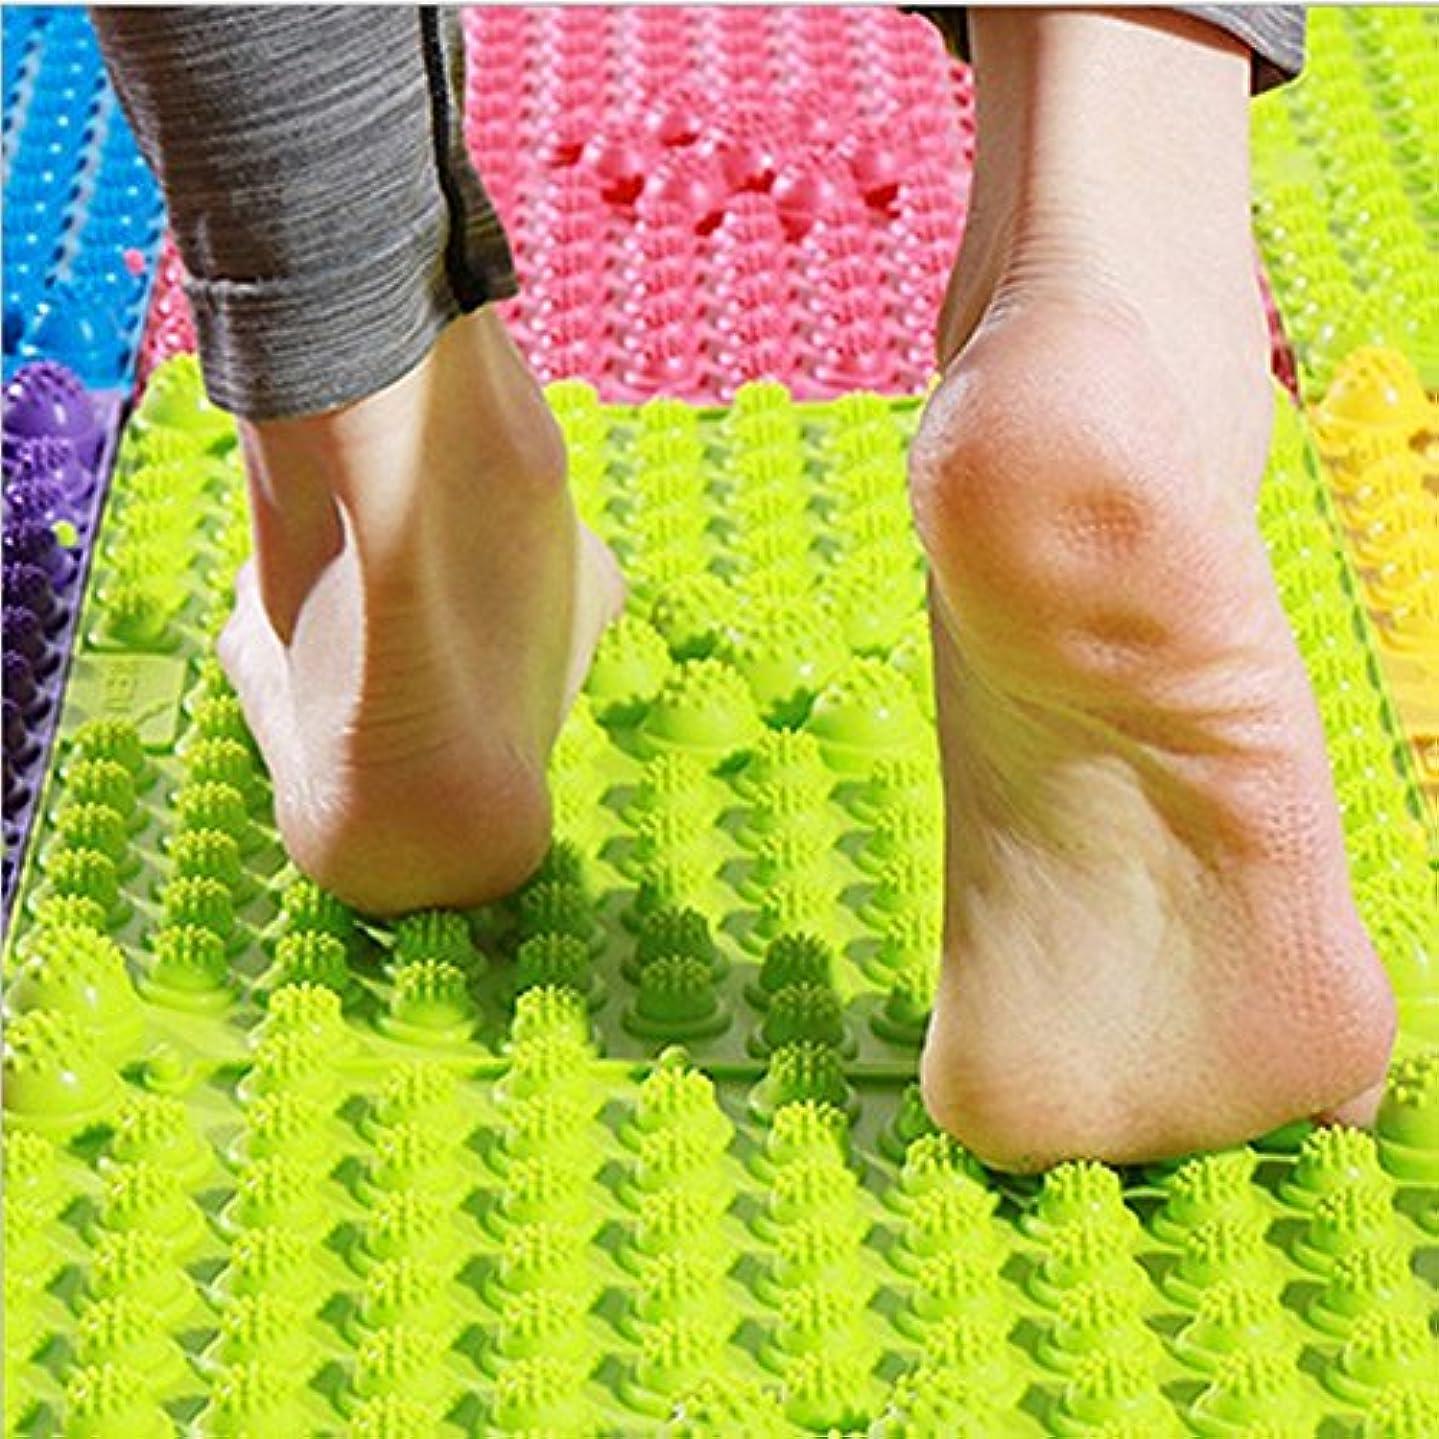 変形するサイレンひらめき2 PCS足マッサージマット、鍼治療指圧循環リフレクソロジー足の痛みの緩和と筋肉のリラクゼーション(ランダムカラー)のためのバスルームバスマット